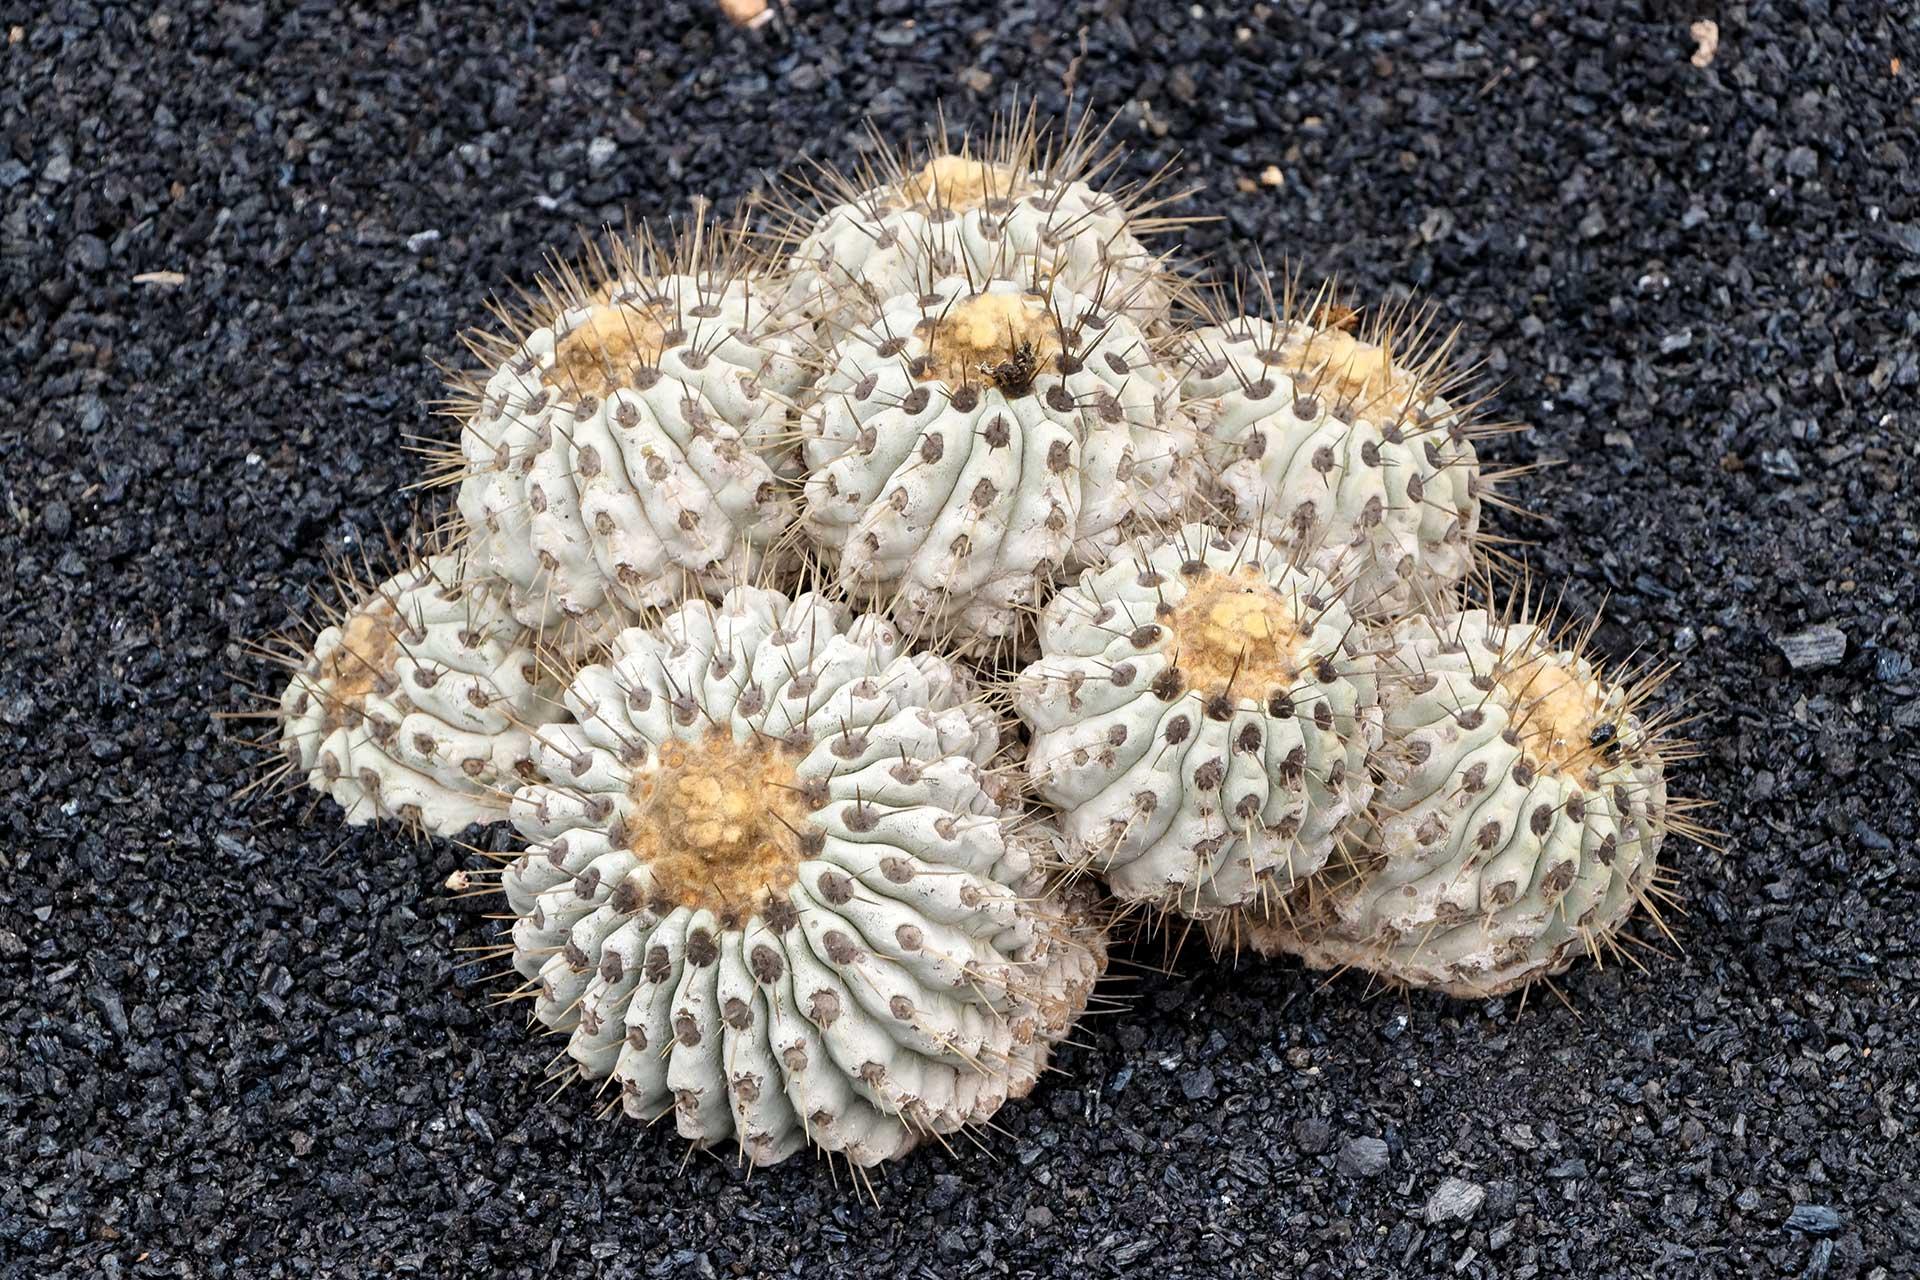 逆鳞丸Copiapoa haseltoniana